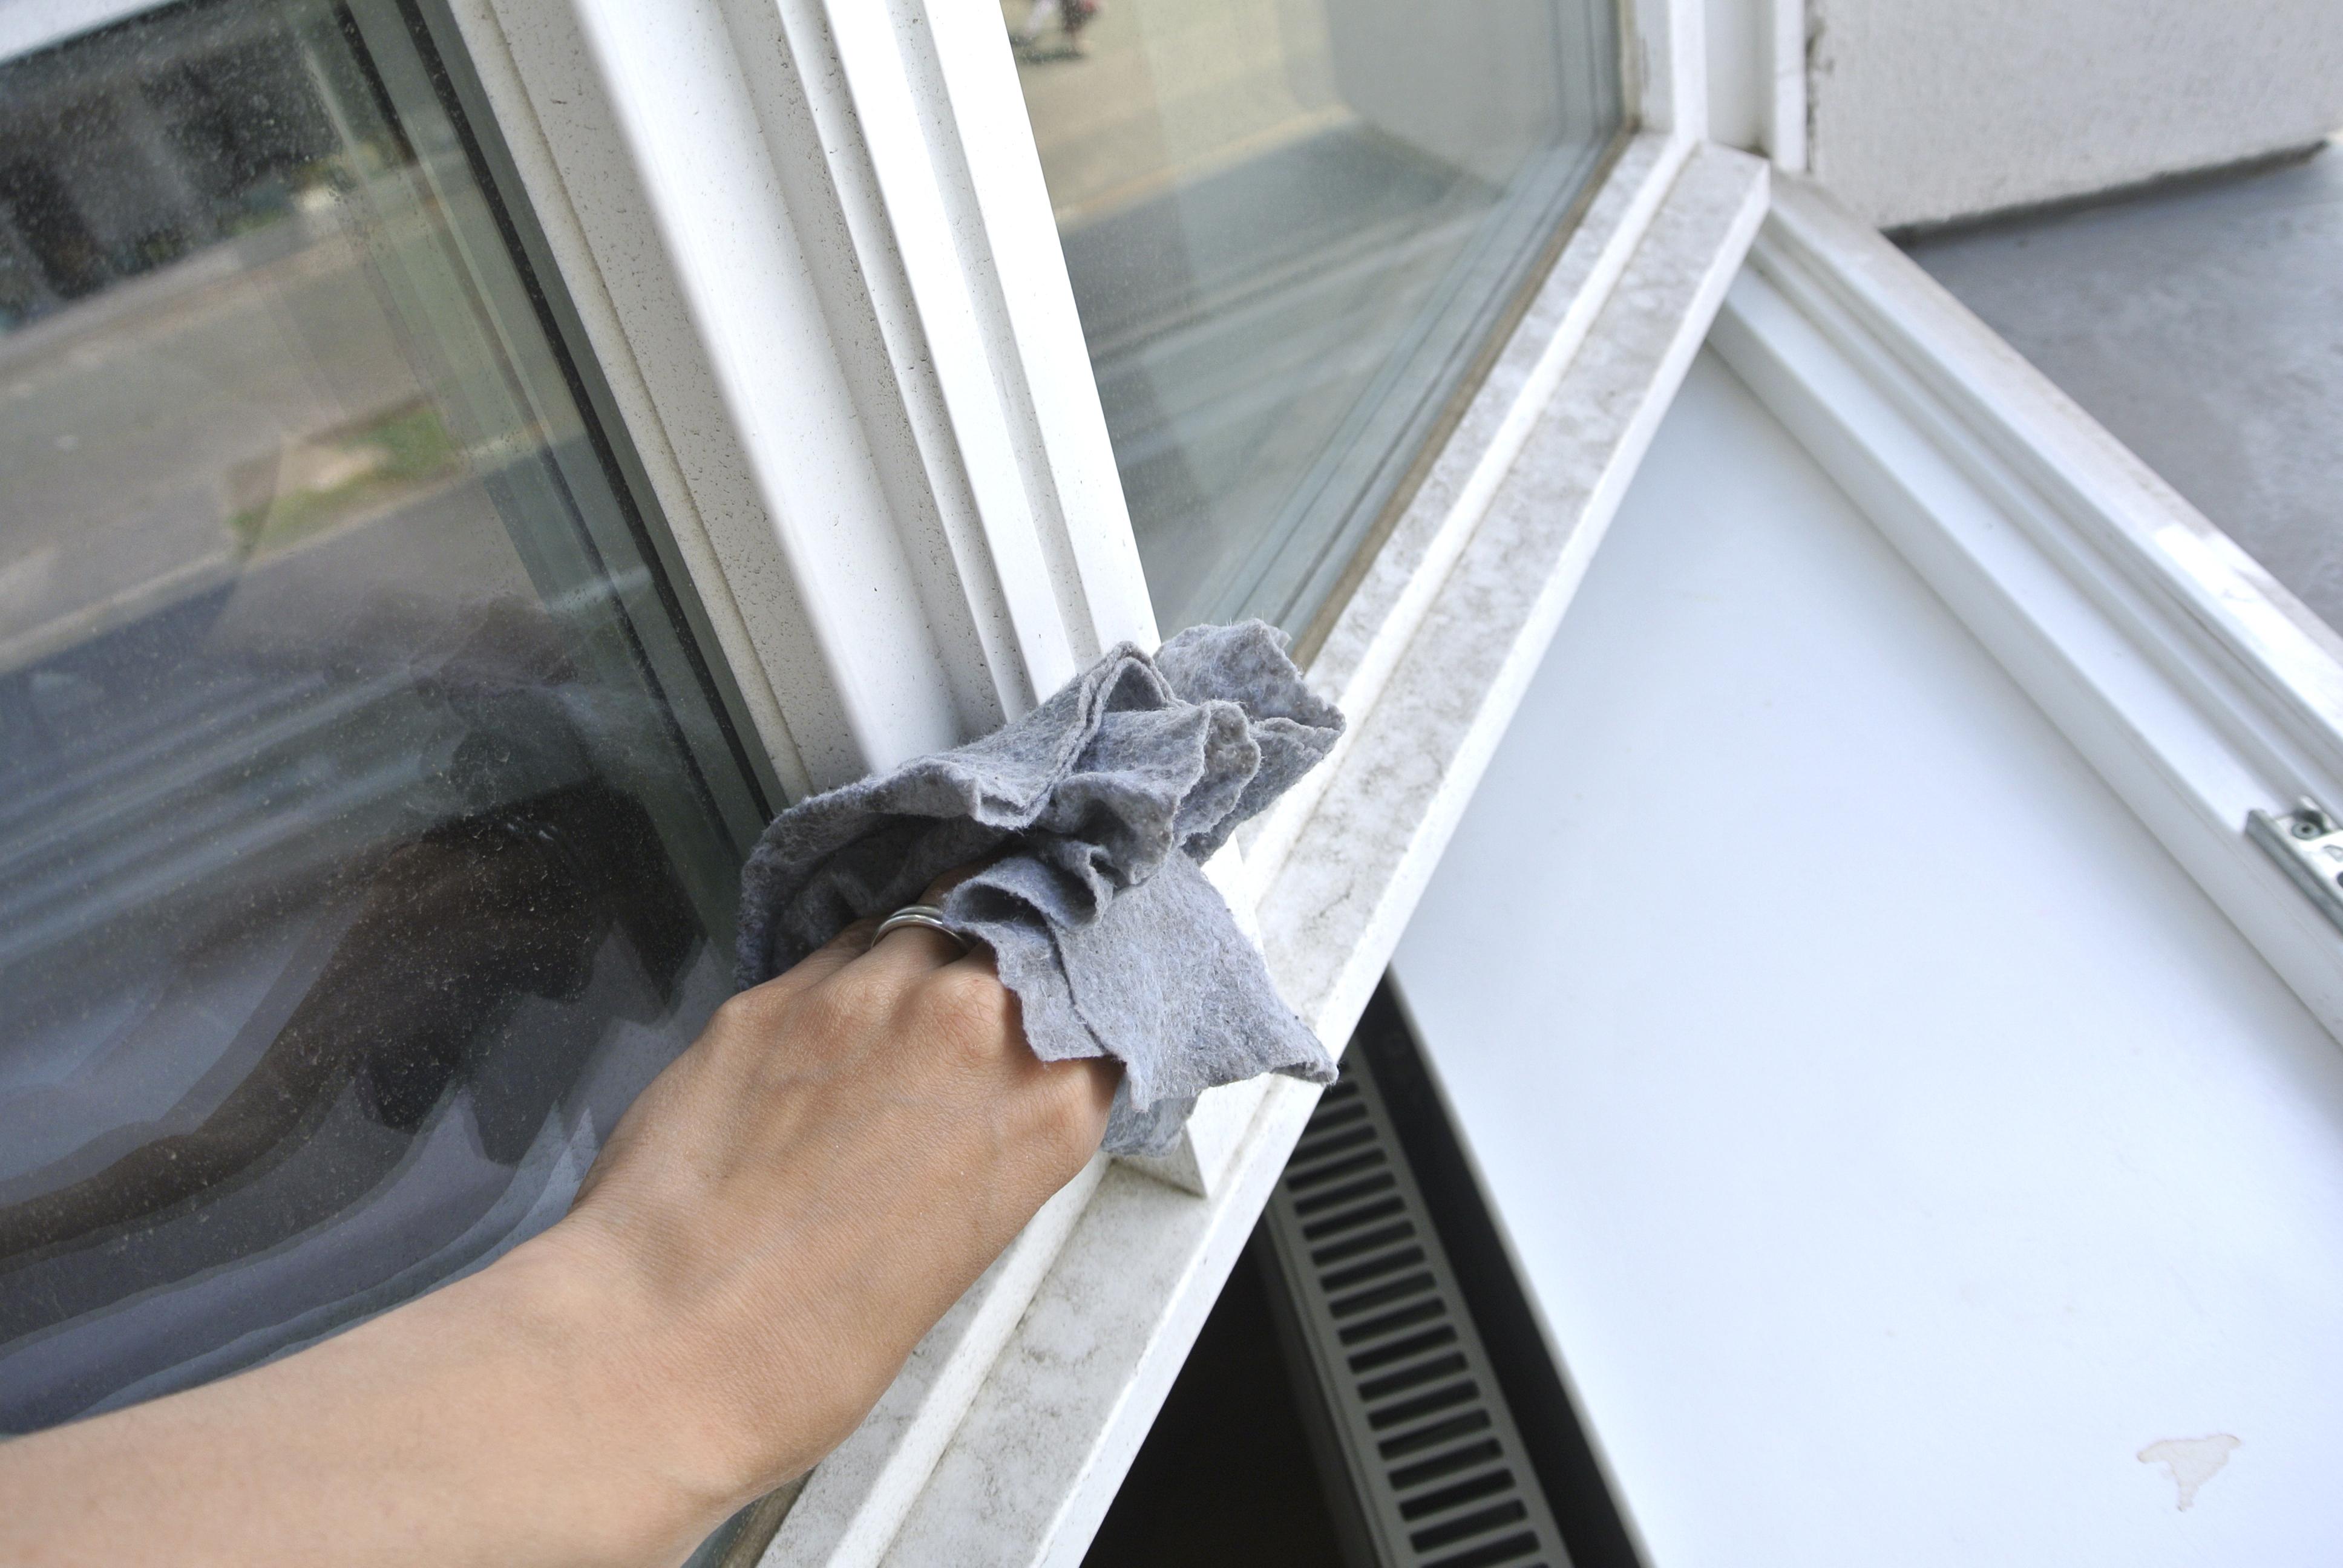 Fensterputzen mit WOW-Effekt - Rosanisiert